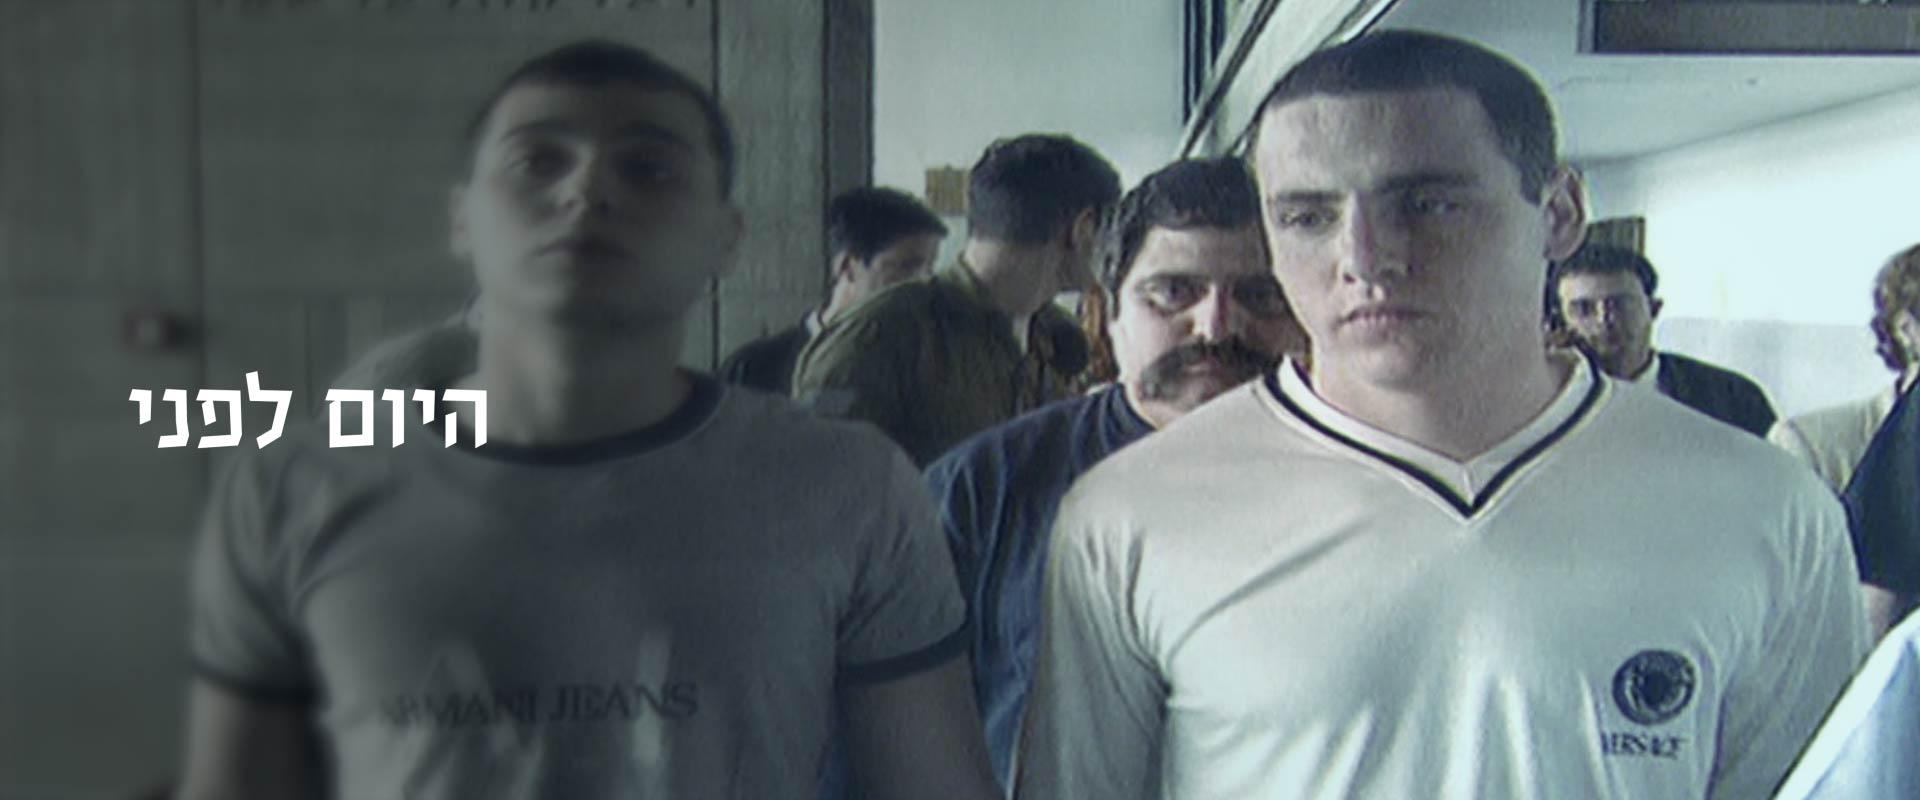 26 שנה לרצח דרק רוט